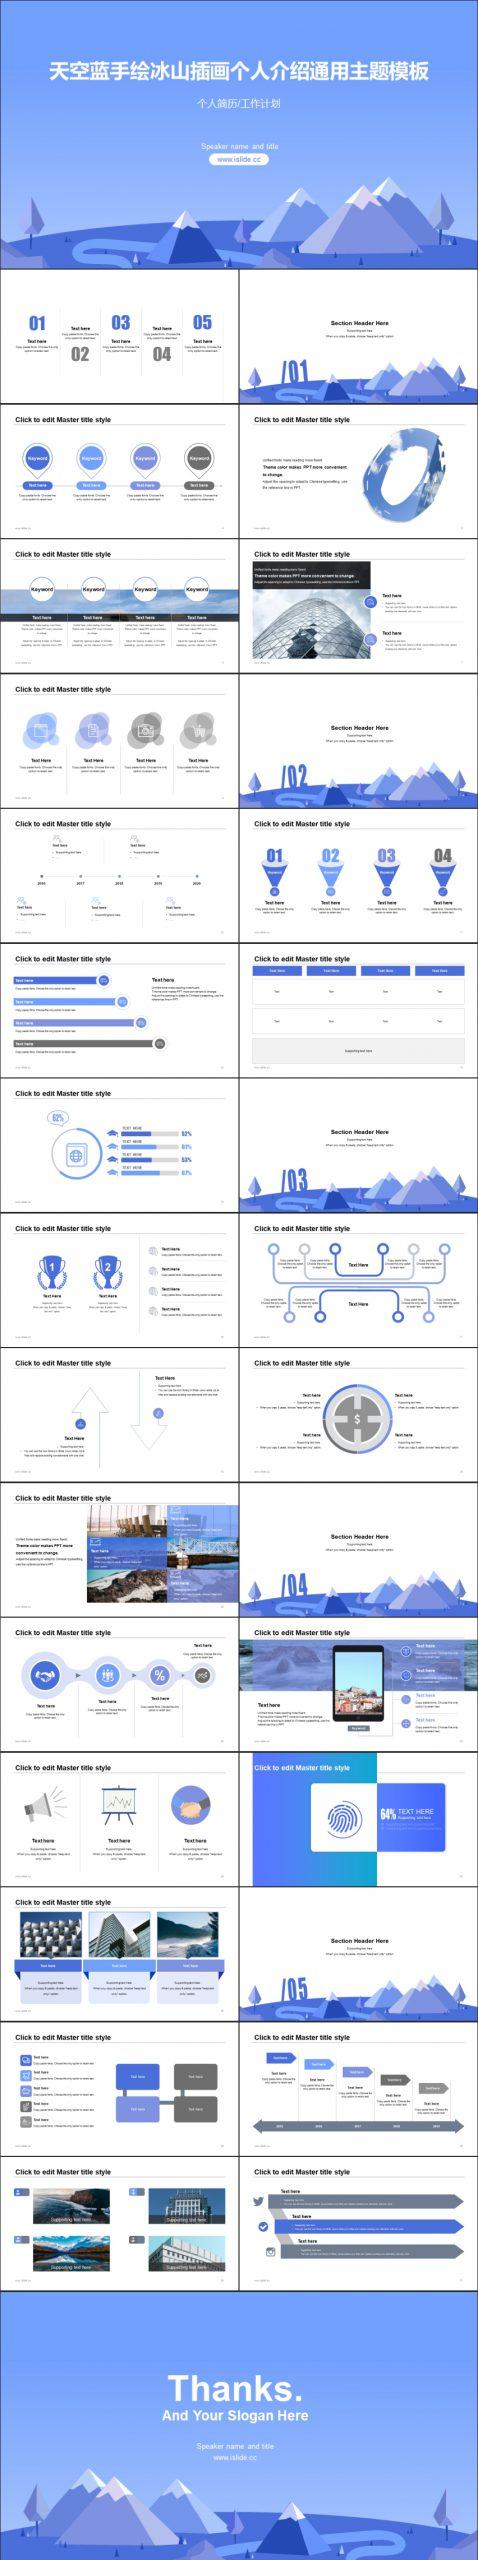 天空蓝手绘冰山插画个人简历PPT模板下载_预览图2